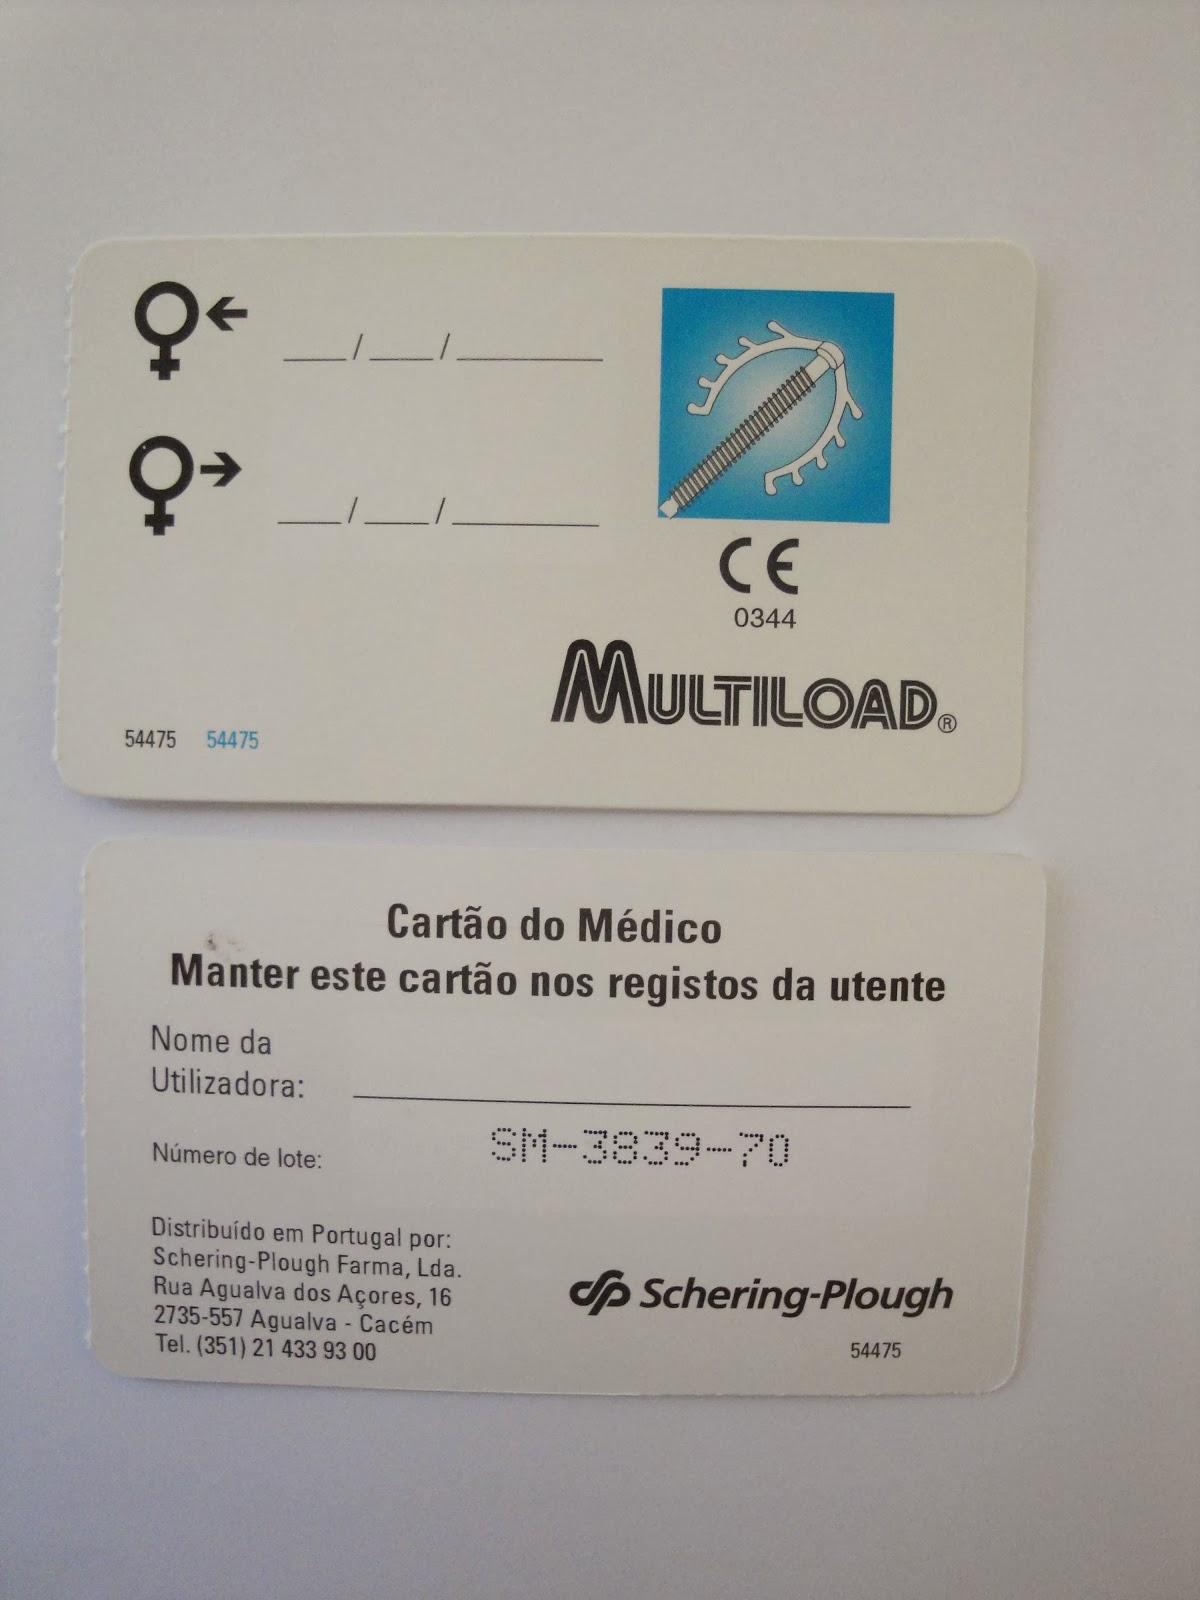 Cartões Multiload com lote e data de remoção